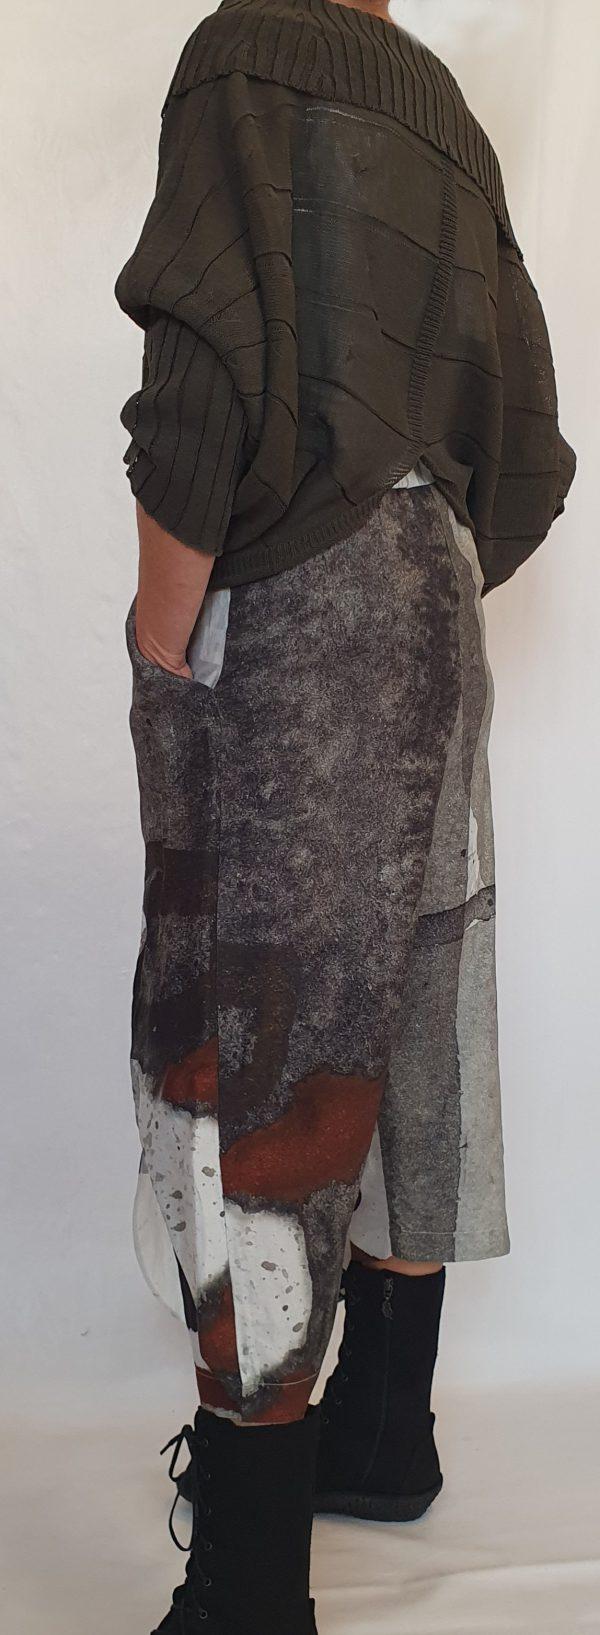 Crea bij sjàzz Design, aparte broekrok van Crea, mooie katoenen top met kraag, legergroen